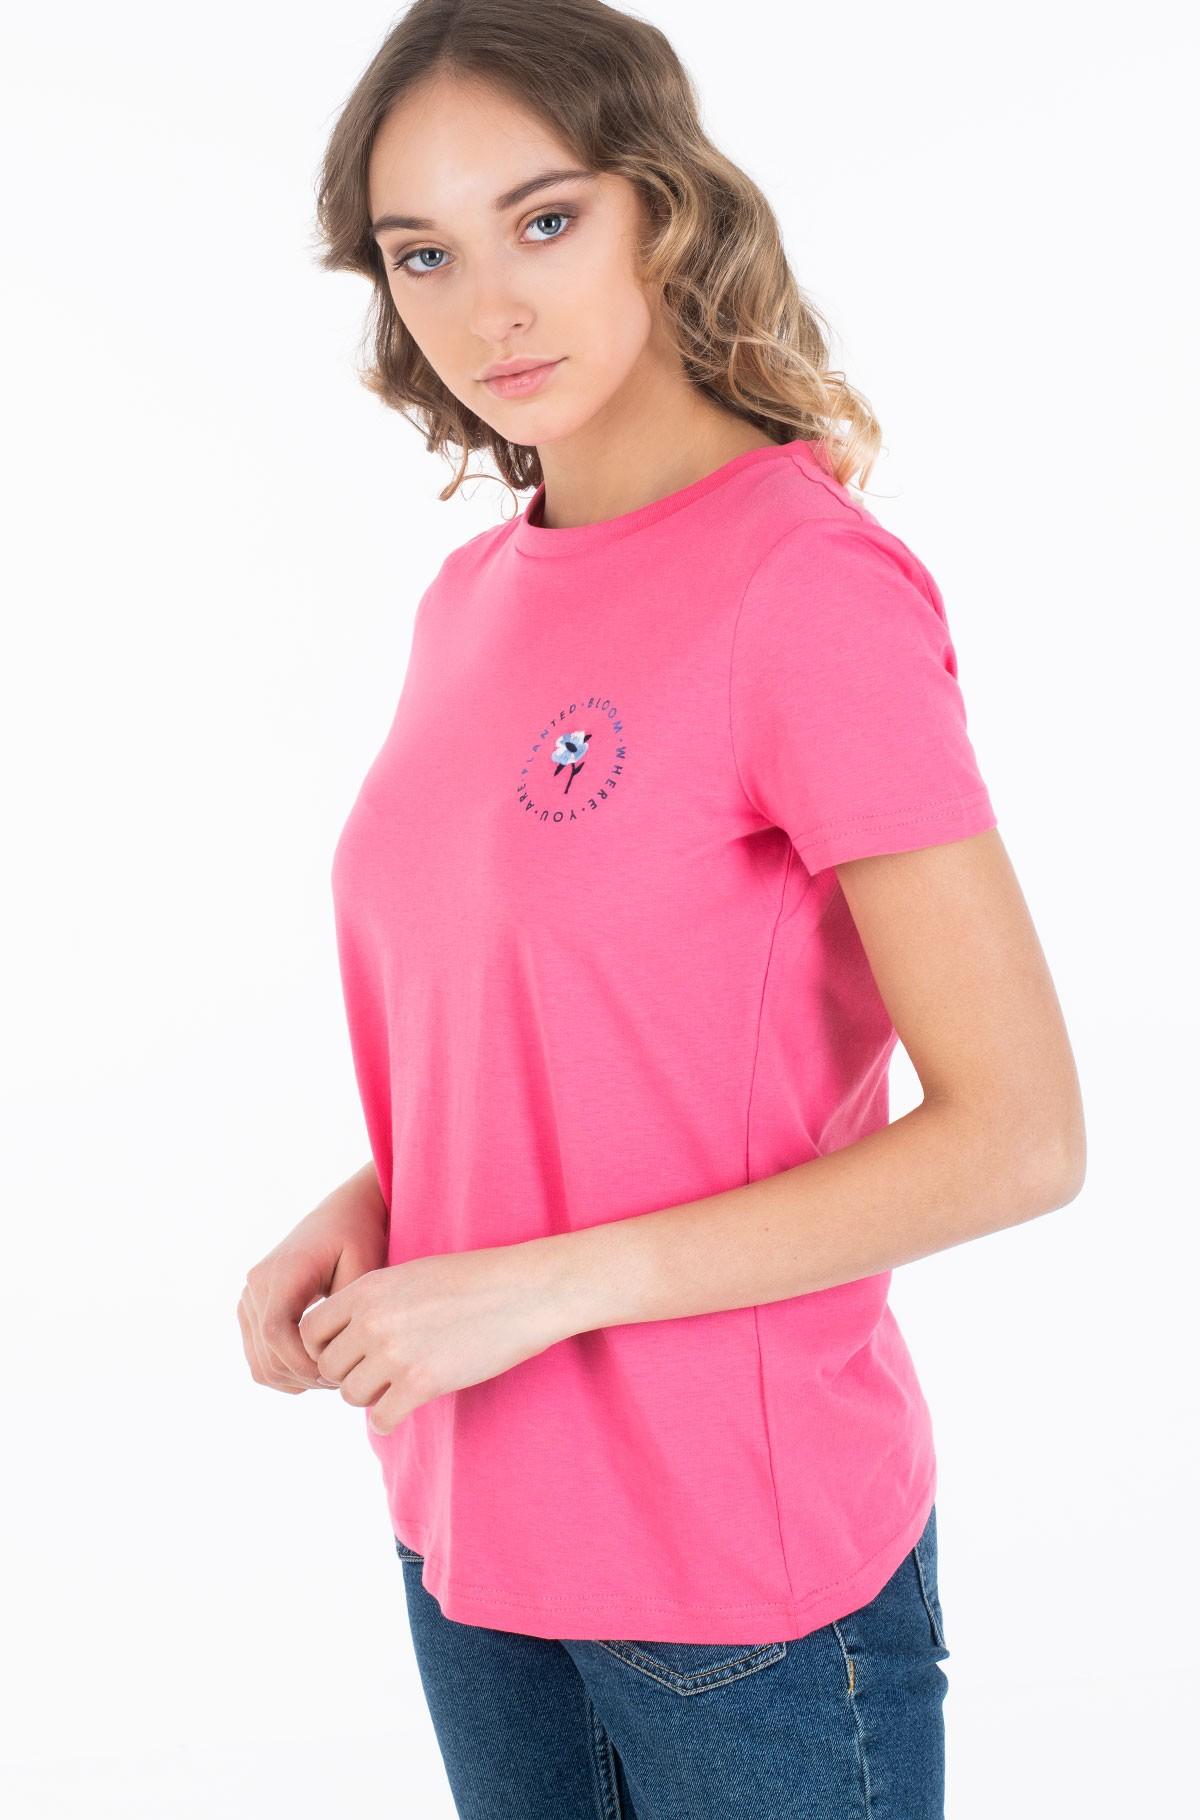 T-shirt 1017452-full-1